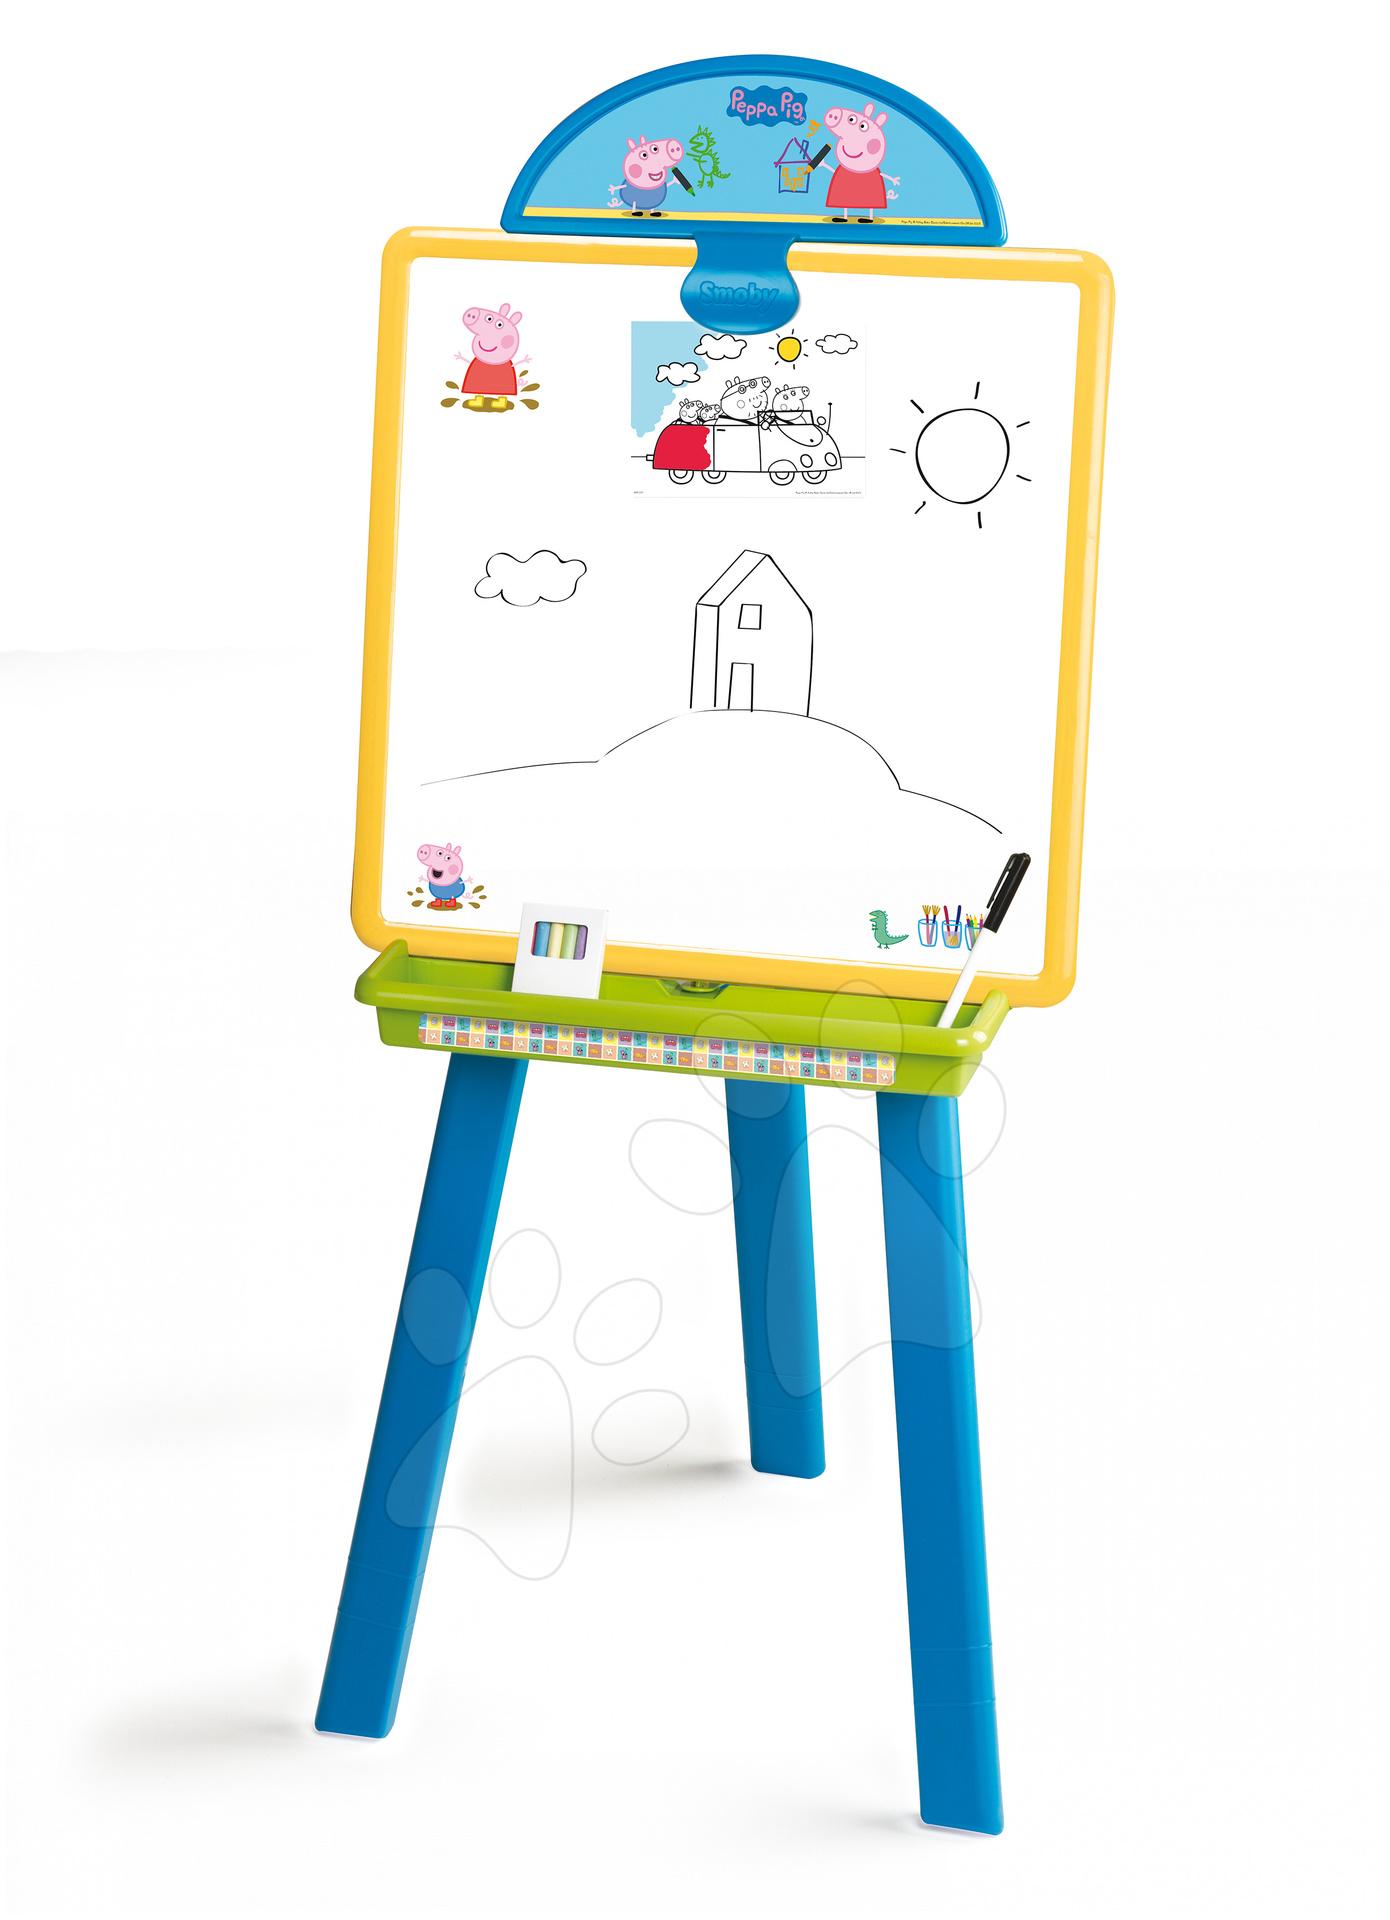 Staré položky - Peppa Pig obojstranná tabuľa 2 v 1 magnetická Smoby na kriedu na stojane a závesná 102 cm vysoká s 18 doplnkami